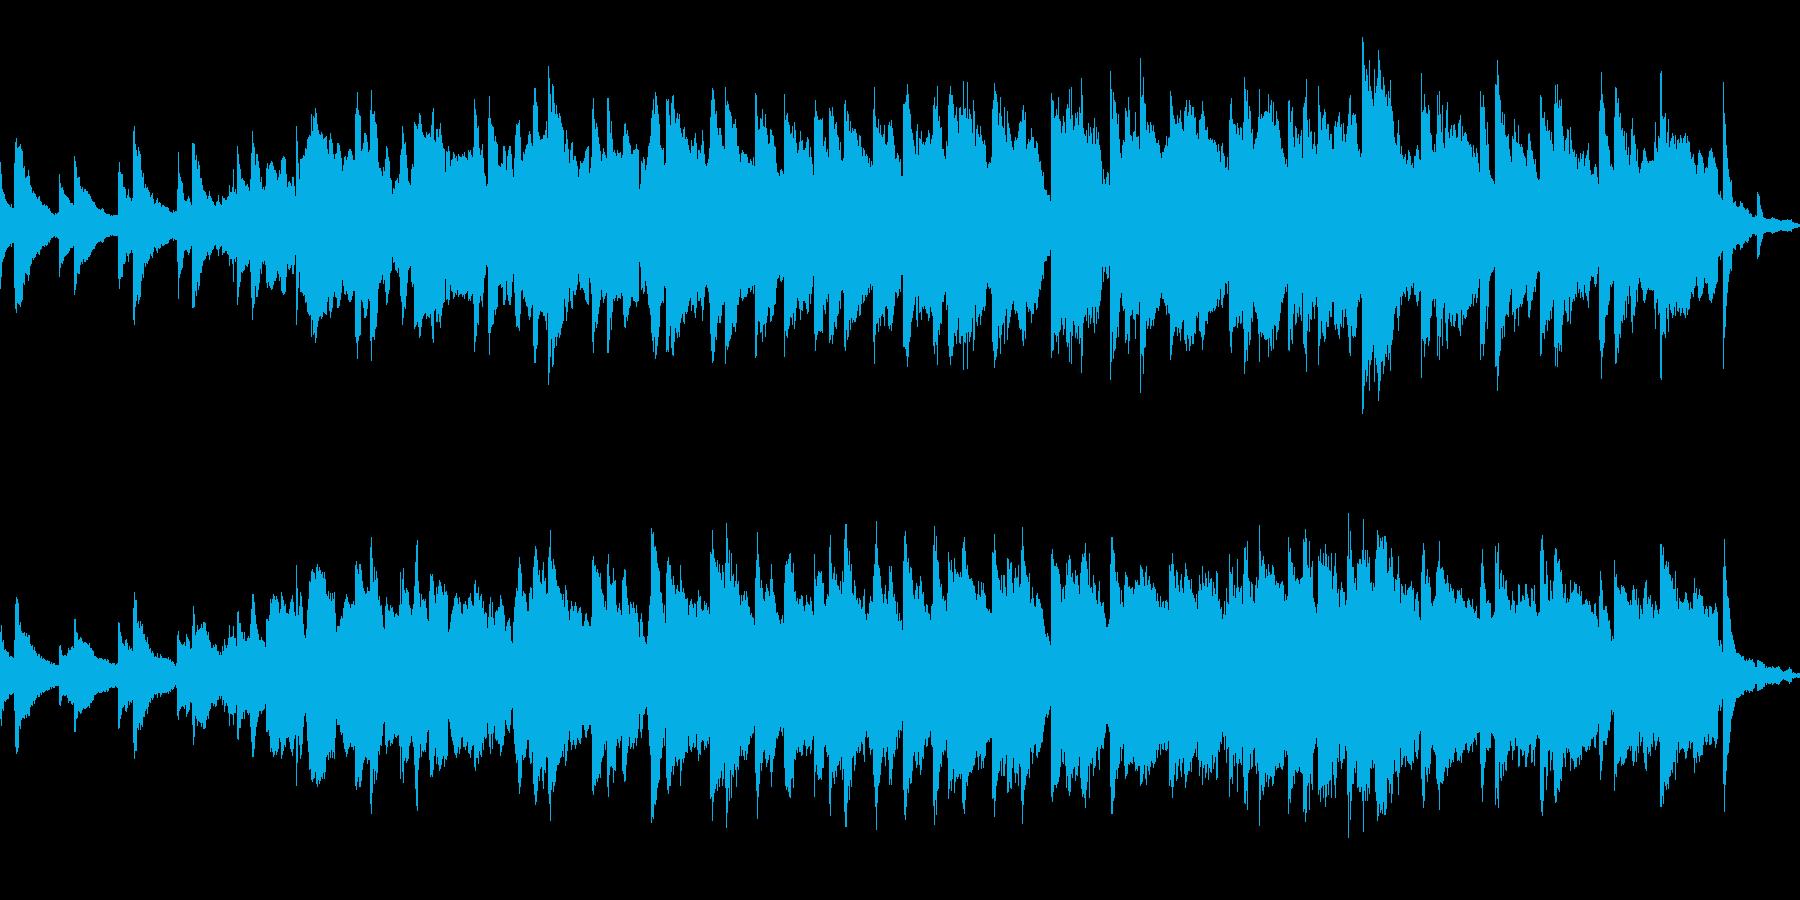 空虚〜物悲しく静かでゆったりとした曲の再生済みの波形